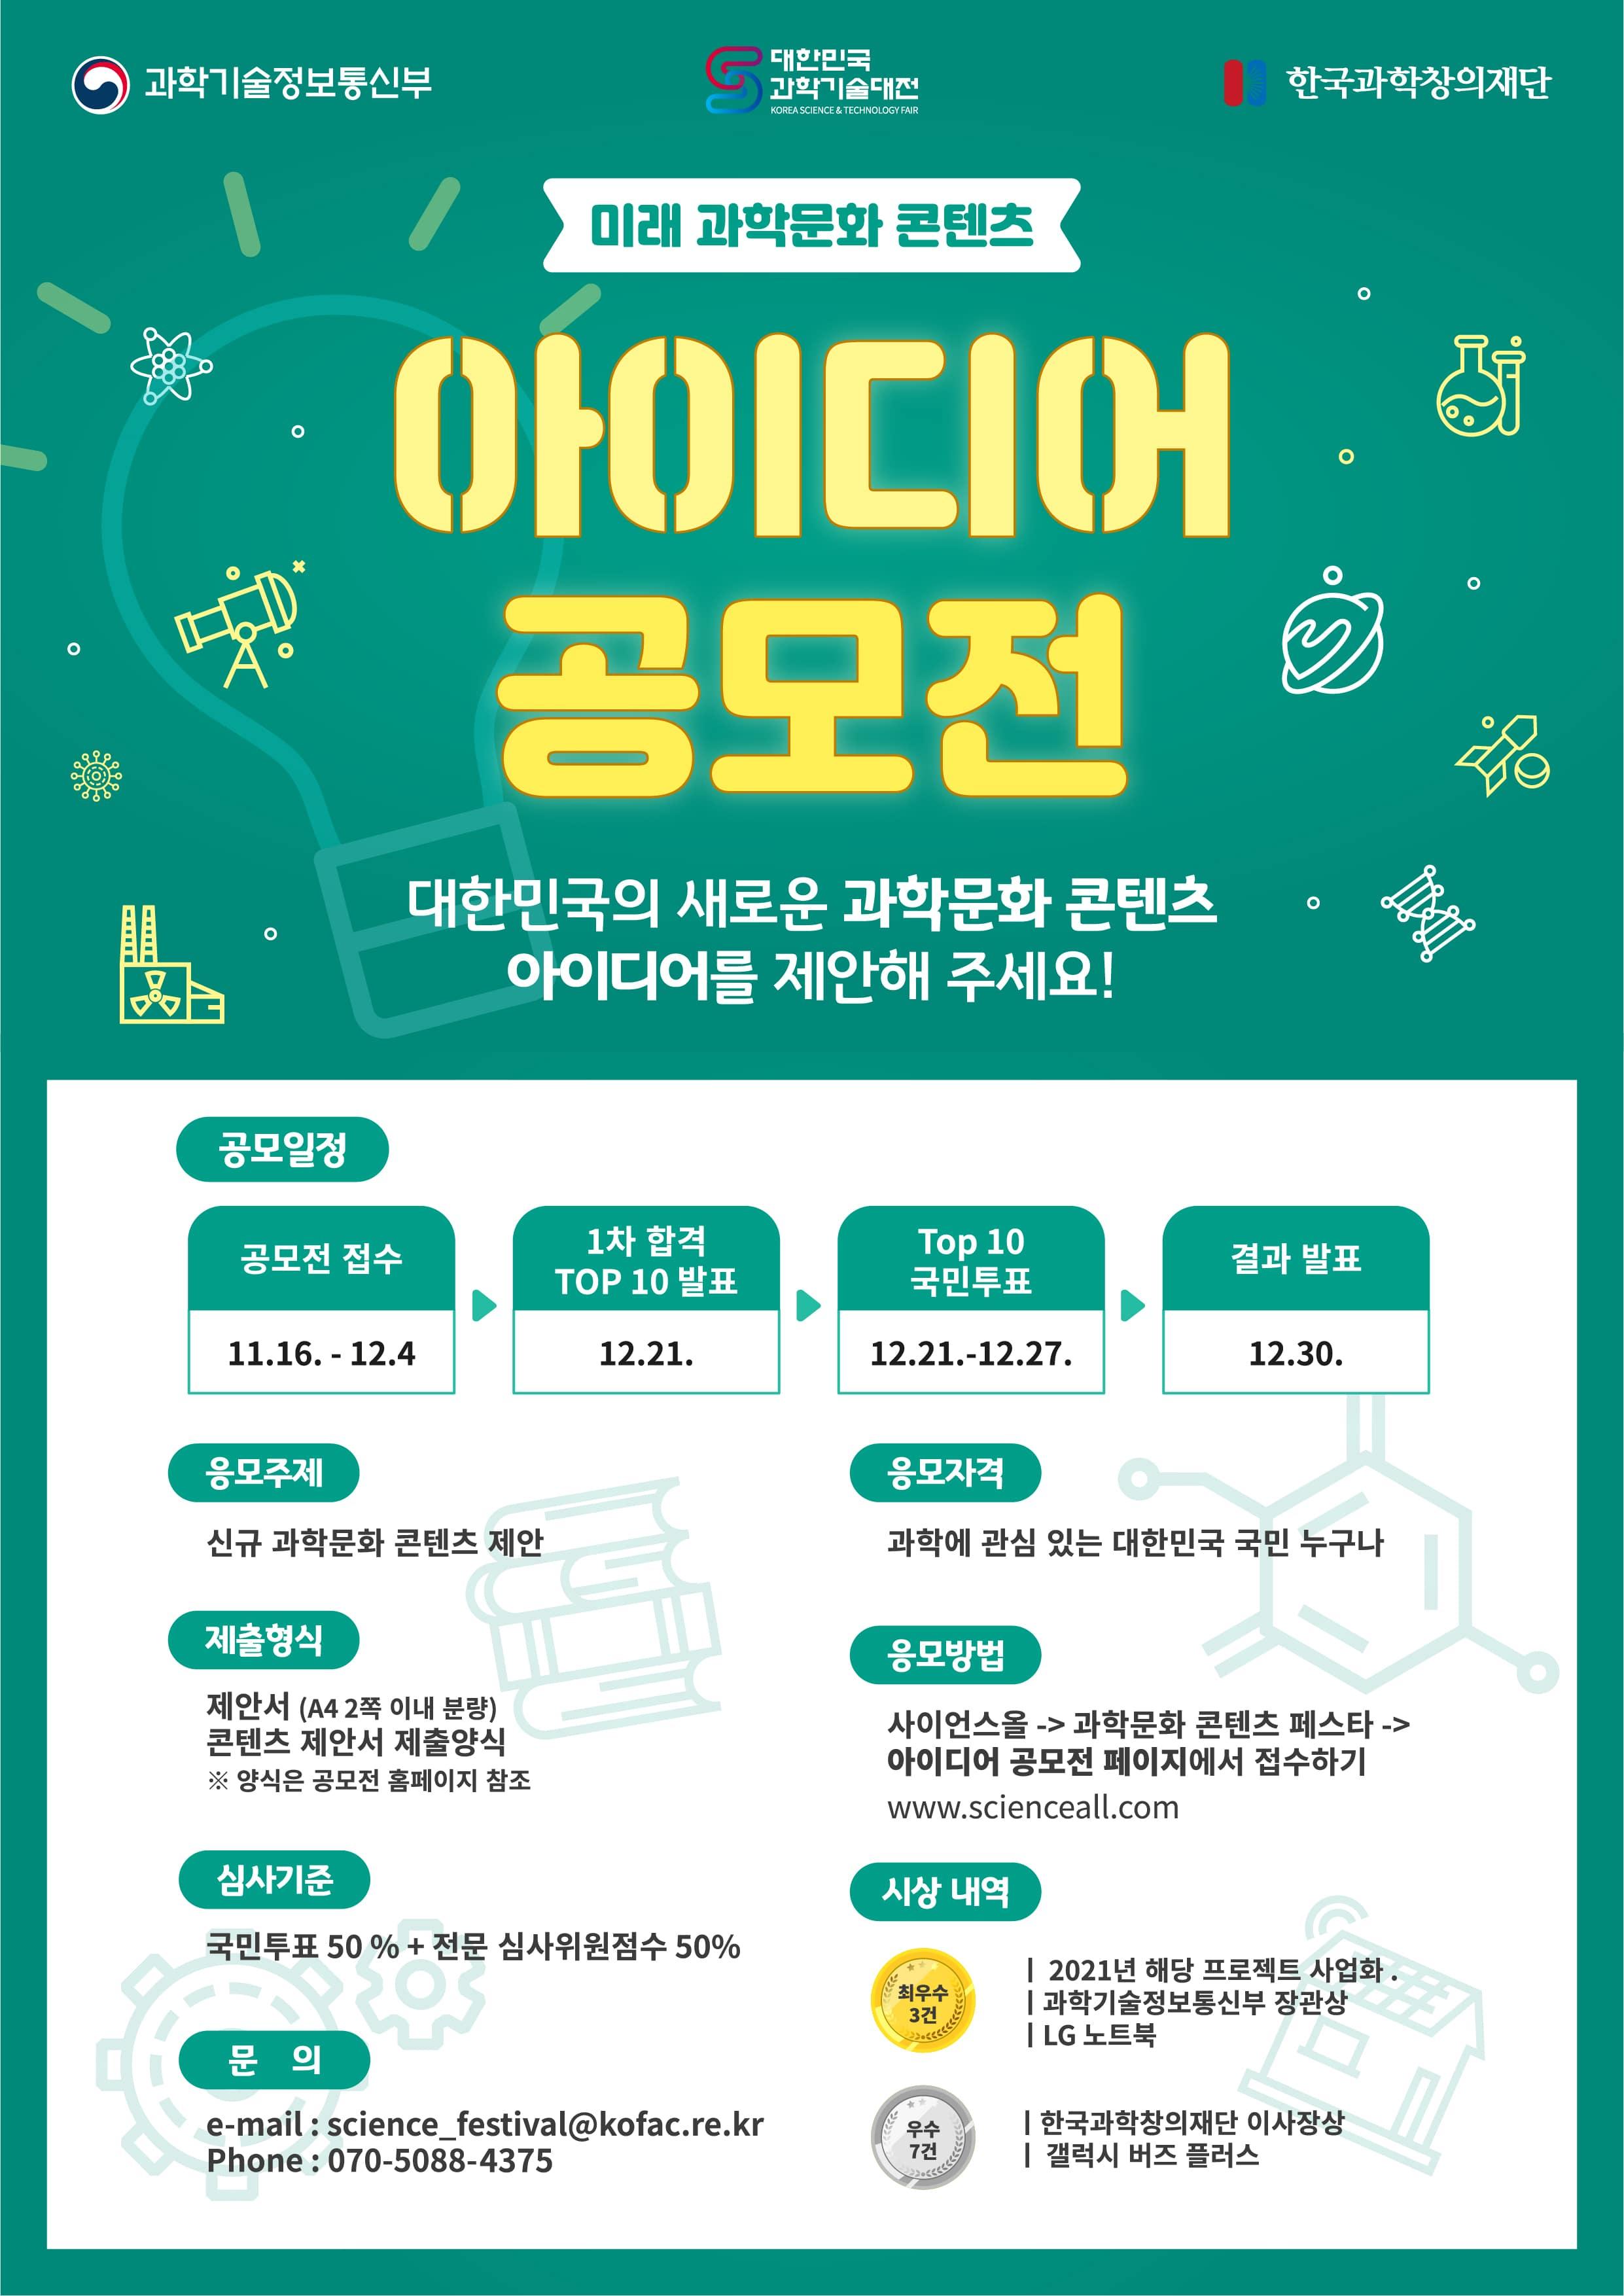 [아이디어 공모전] 2020 대한민국 과학기술대전 미래 과학문화 콘텐츠 아이디어 공모전 (~12.04)